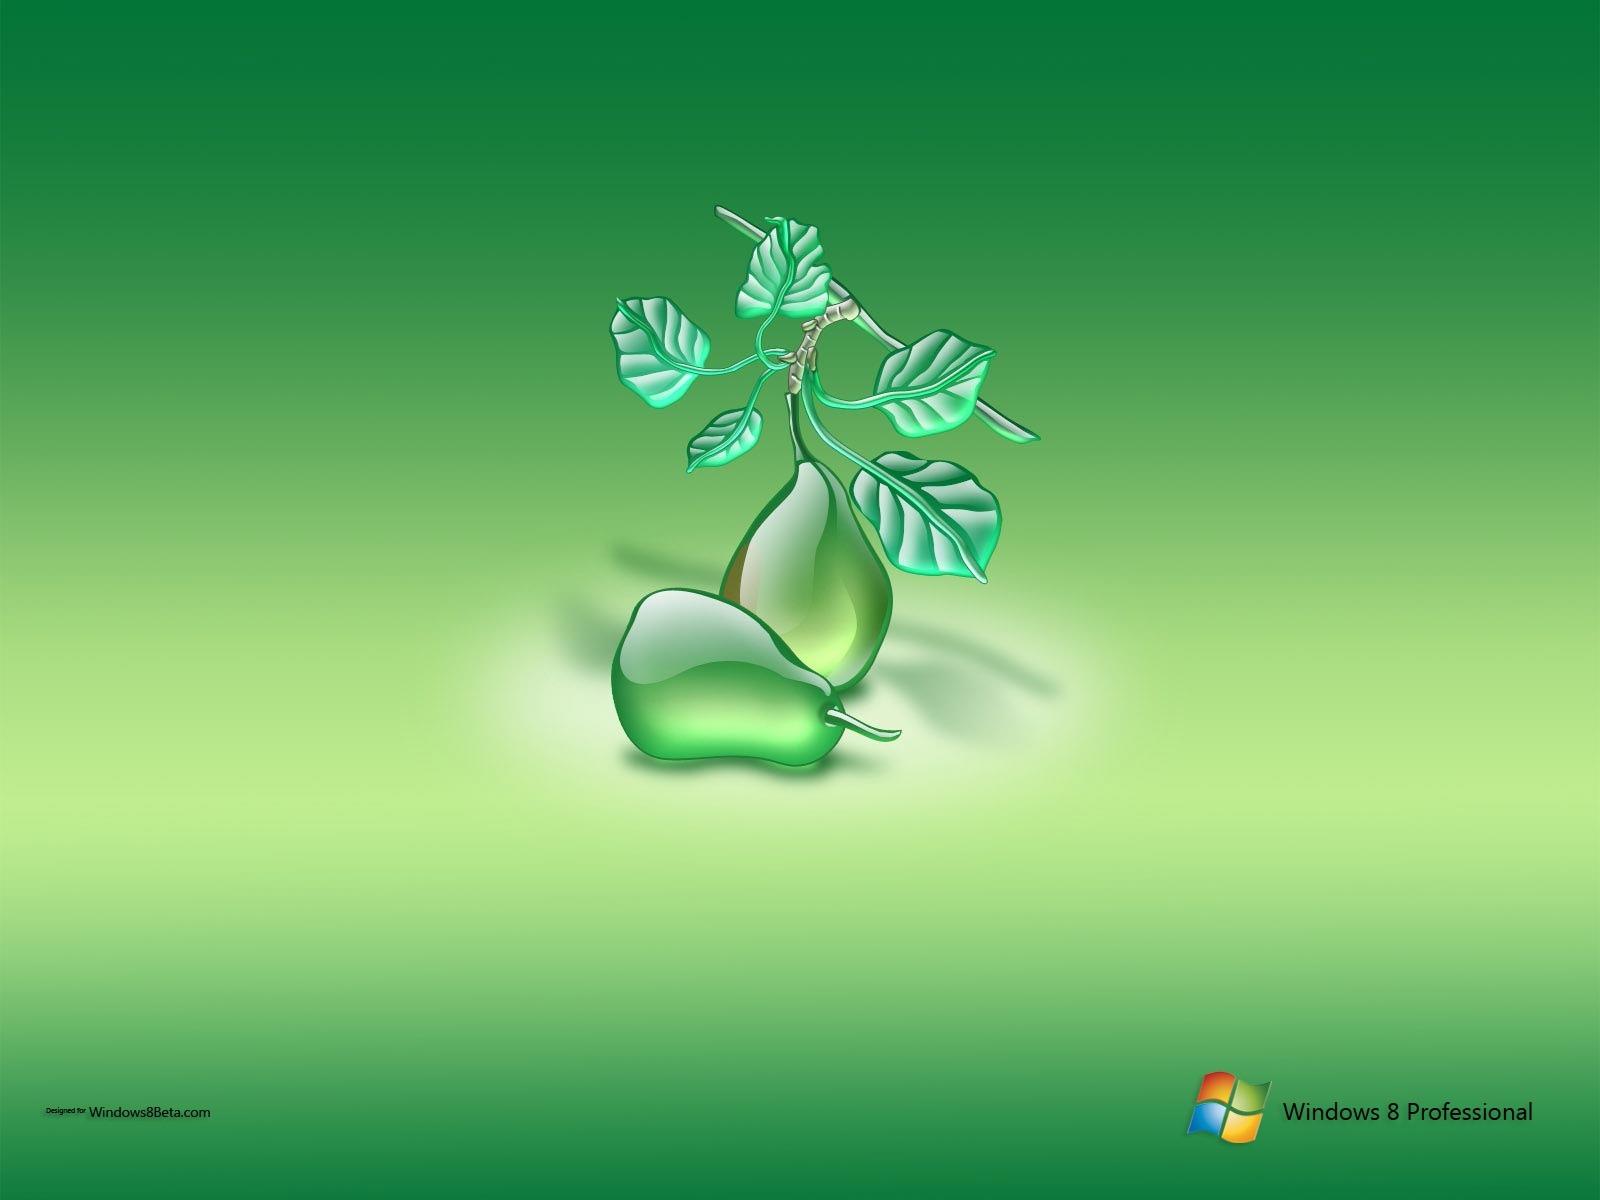 http://1.bp.blogspot.com/-gXFvN6m9-EA/Th53a6JRZVI/AAAAAAAABc8/kktF0Jj7eLA/s1600/Windows_8_wallpaper_2.jpg